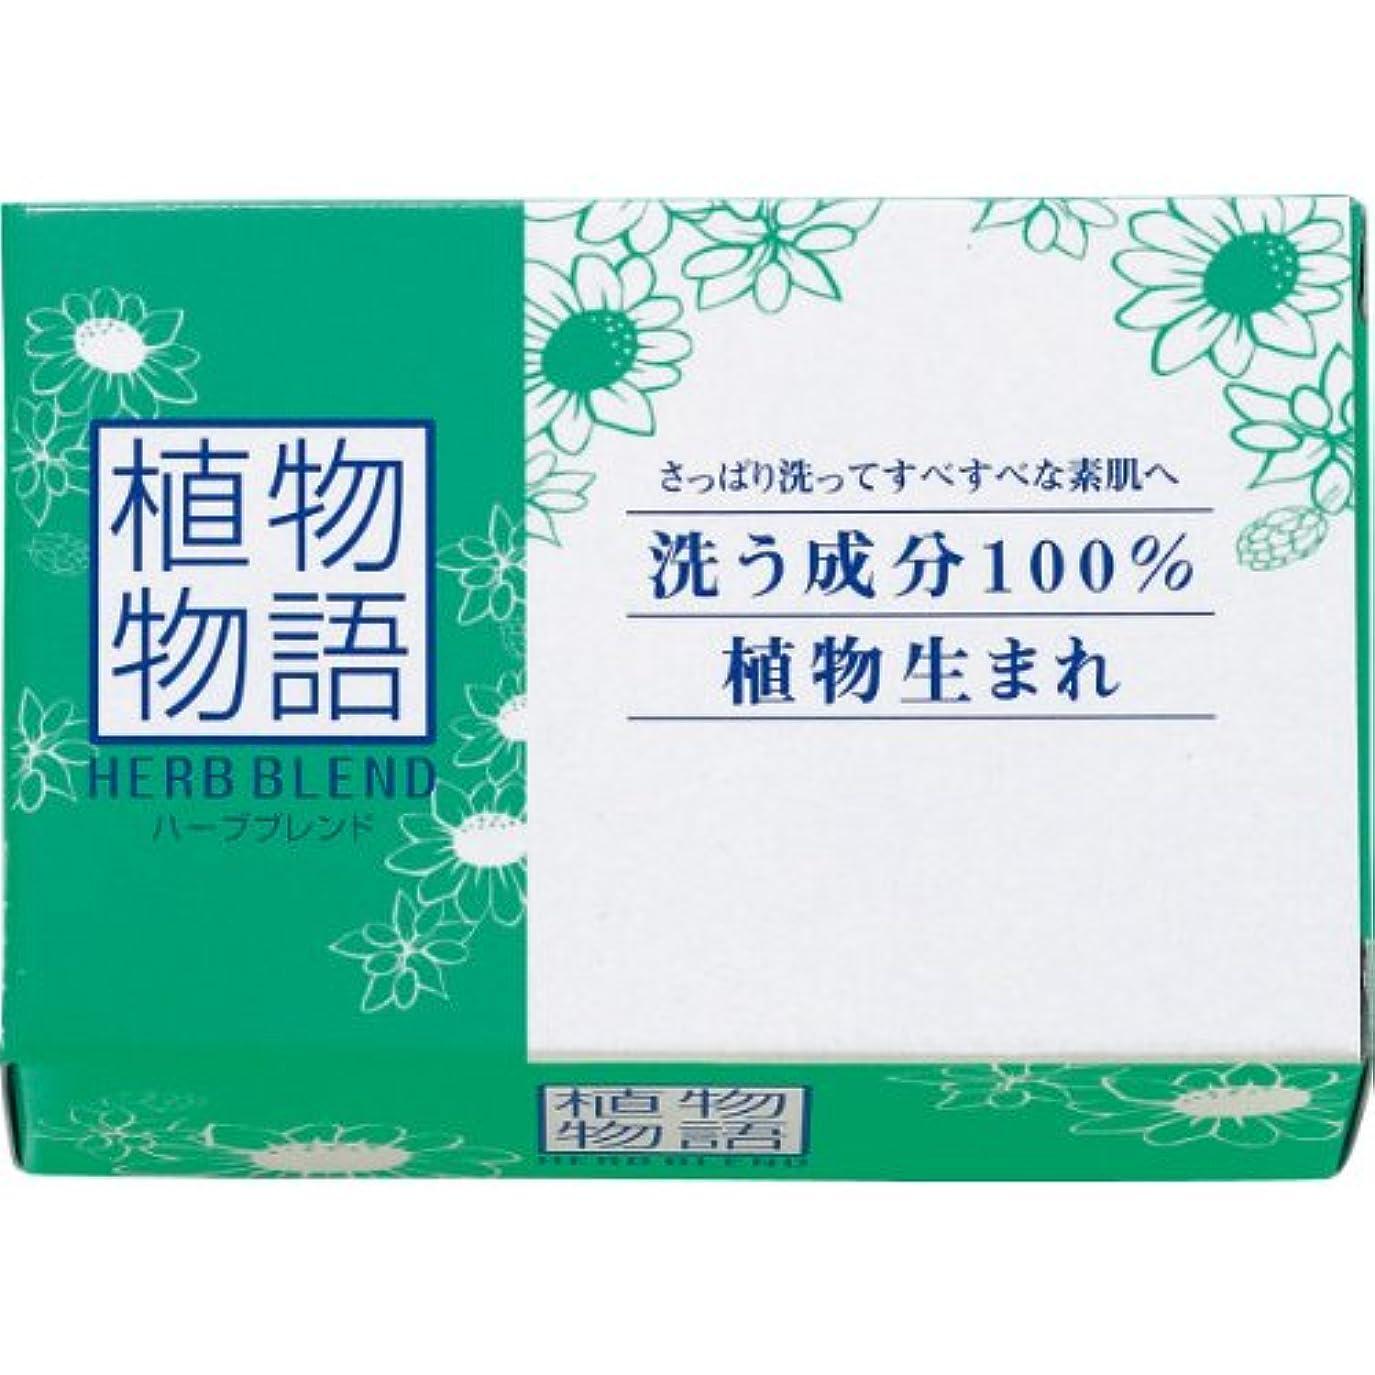 フロー兄サンダー【ライオン】植物物語ハーブブレンド 化粧石鹸 80g